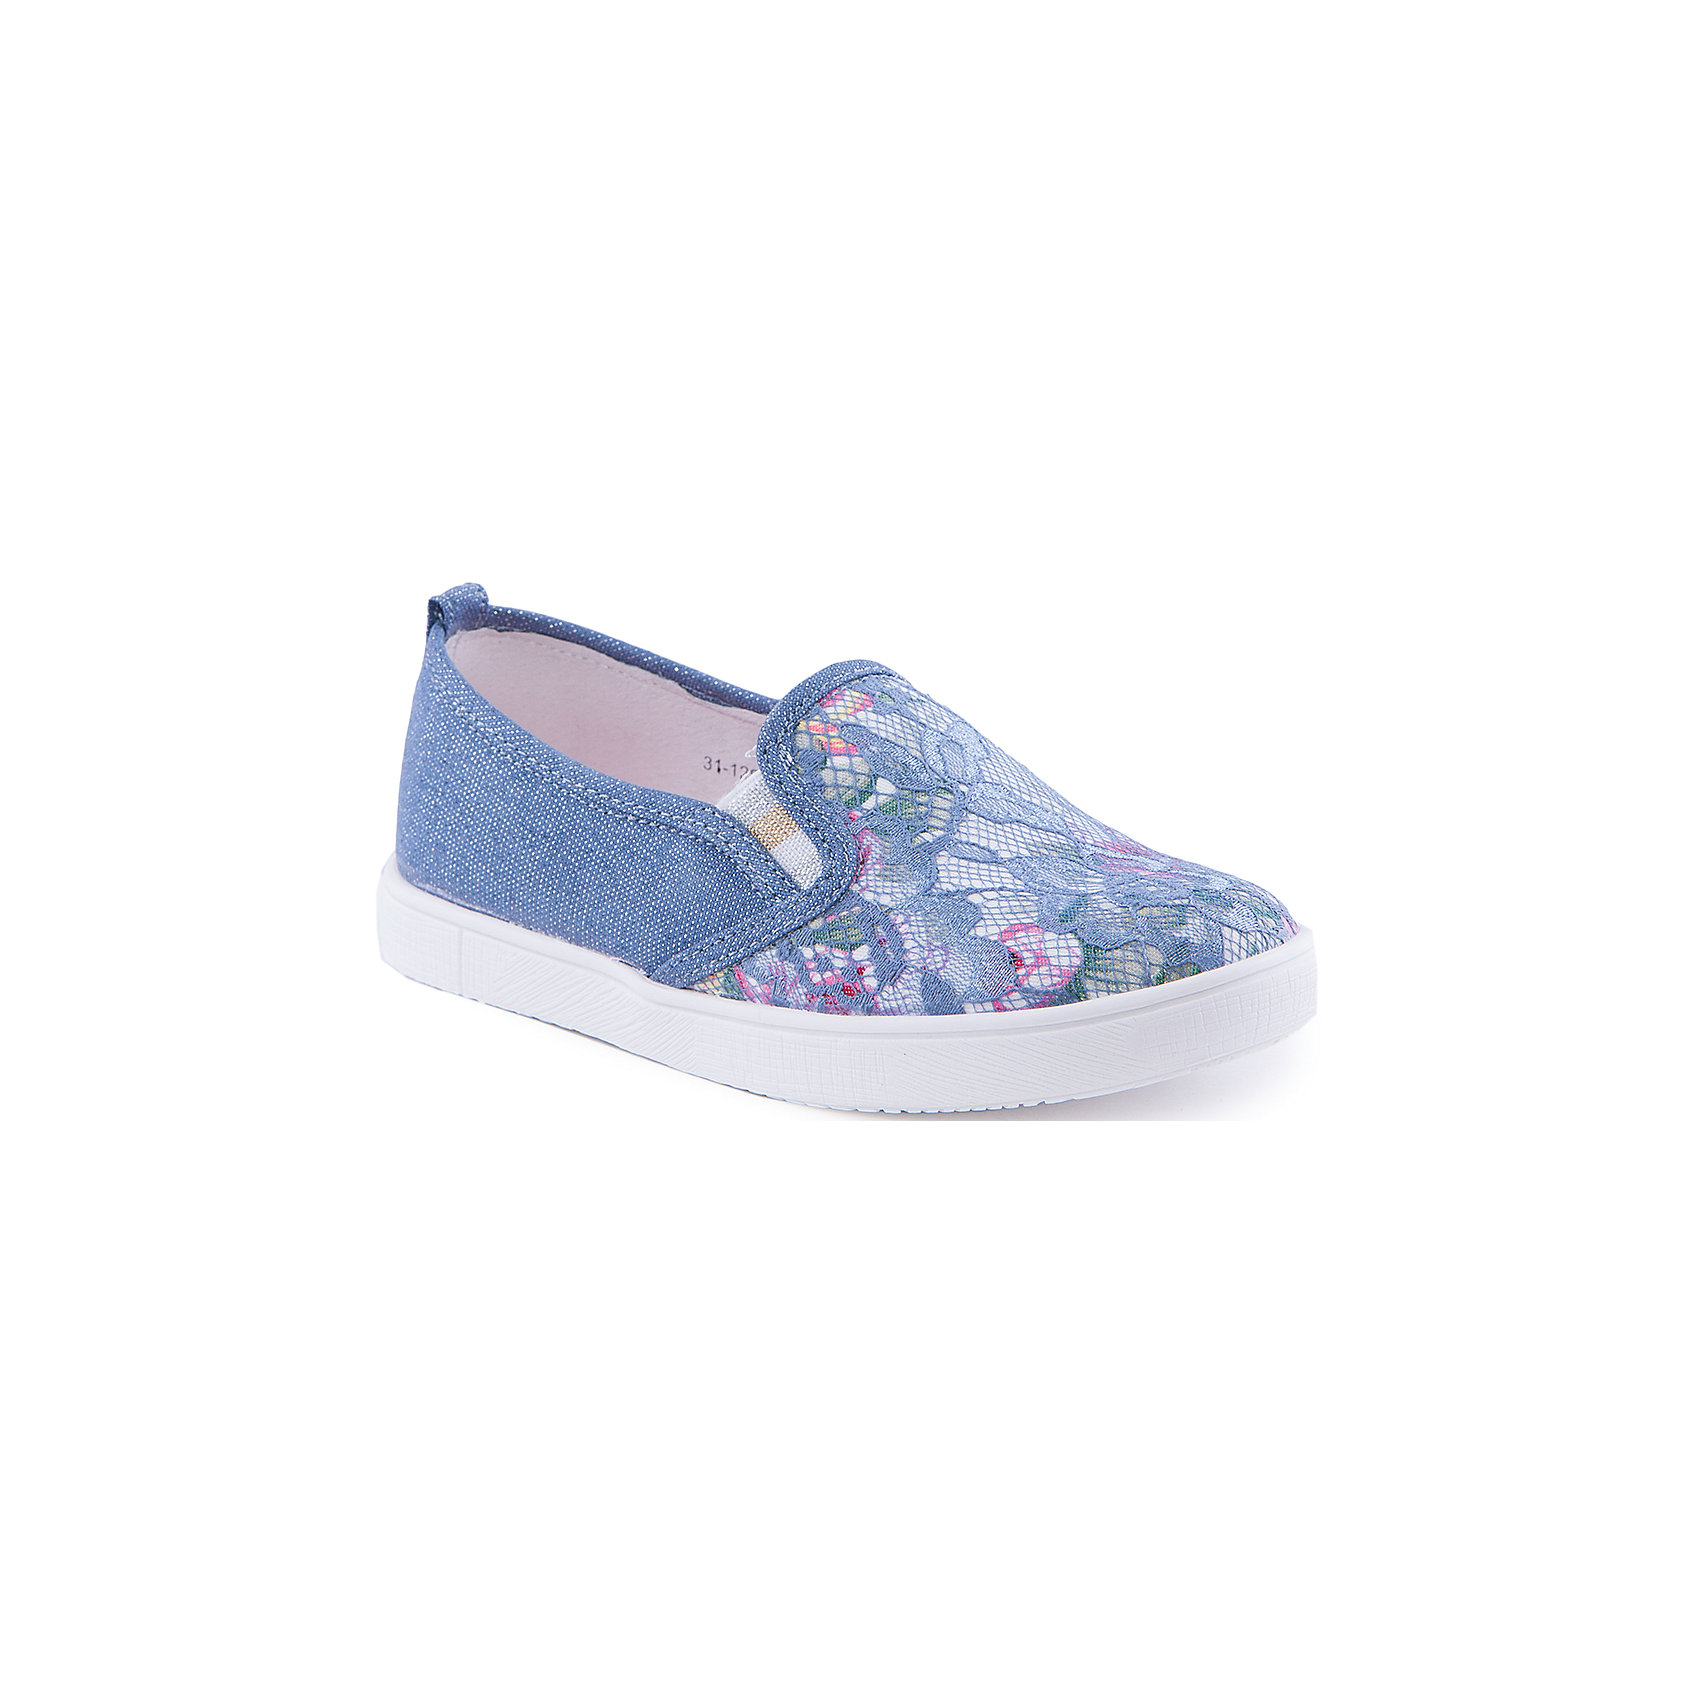 Слипоны для девочки Indigo kidsСлипоны<br>Туфли для девочки от известного бренда Indigo kids.<br><br>Легкие туфли - прекрасный вариант обуви для теплого сезона. Они нарядные и стильные, но в то же время очень удобные. Эту модель можно носить и с юбкой, и с шортами, и с джинсами. Такие туфли легко надеваются, комфортно садятся по ноге. <br><br>Особенности модели:<br><br>- цвет: синий;<br>- стильный дизайн;<br>- удобная колодка;<br>- подкладка из натуральной кожи;<br>- передняя часть изделия декорирована кружевом и цветочным принтом;<br>- задняя часть -  блестящая;<br>- белая нескользящая подошва;<br>- без застежек.<br><br>Дополнительная информация:<br><br>Состав:<br><br>верх – текстиль;<br>подкладка - натуральная кожа;<br>подошва - ТЭП.<br><br>Туфли для девочки Indigo kids (Индиго Кидс) можно купить в нашем магазине.<br><br>Ширина мм: 227<br>Глубина мм: 145<br>Высота мм: 124<br>Вес г: 325<br>Цвет: синий<br>Возраст от месяцев: 108<br>Возраст до месяцев: 120<br>Пол: Женский<br>Возраст: Детский<br>Размер: 33,31,36,35,34,32<br>SKU: 4519880